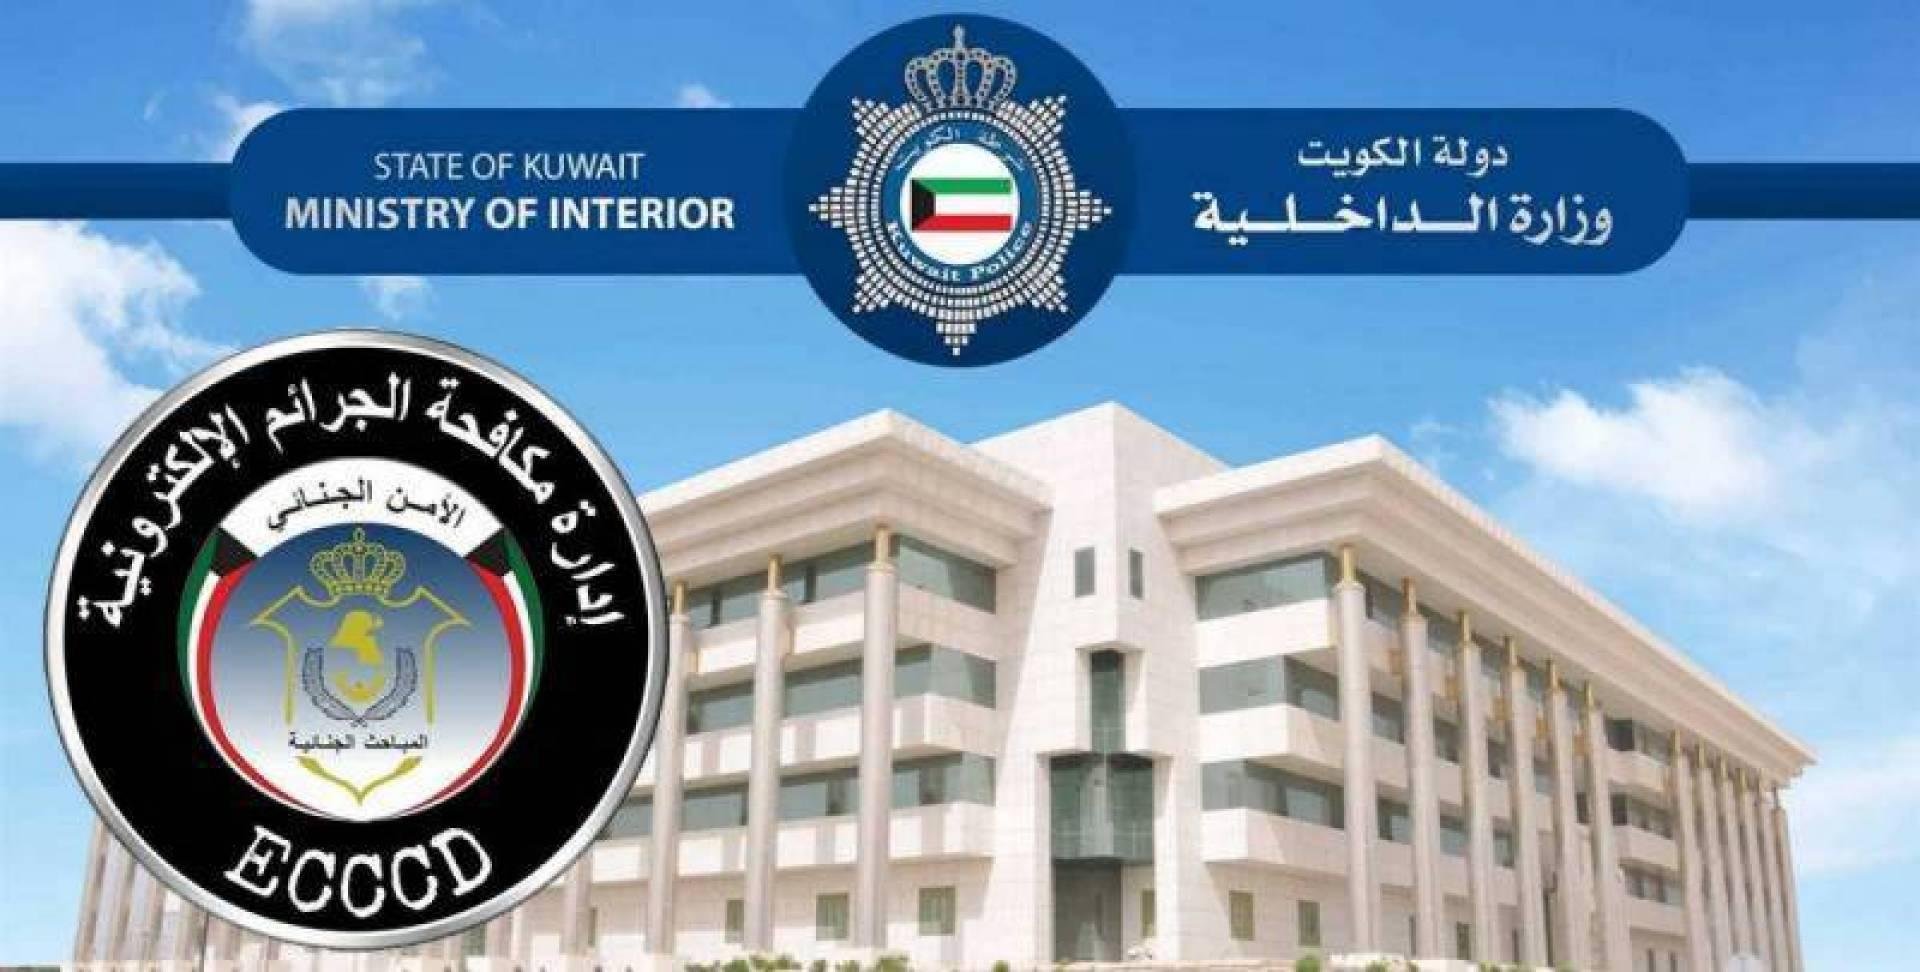 الداخلية: القبض على شخص نشر مقاطع خادشة عبر مواقع التواصل